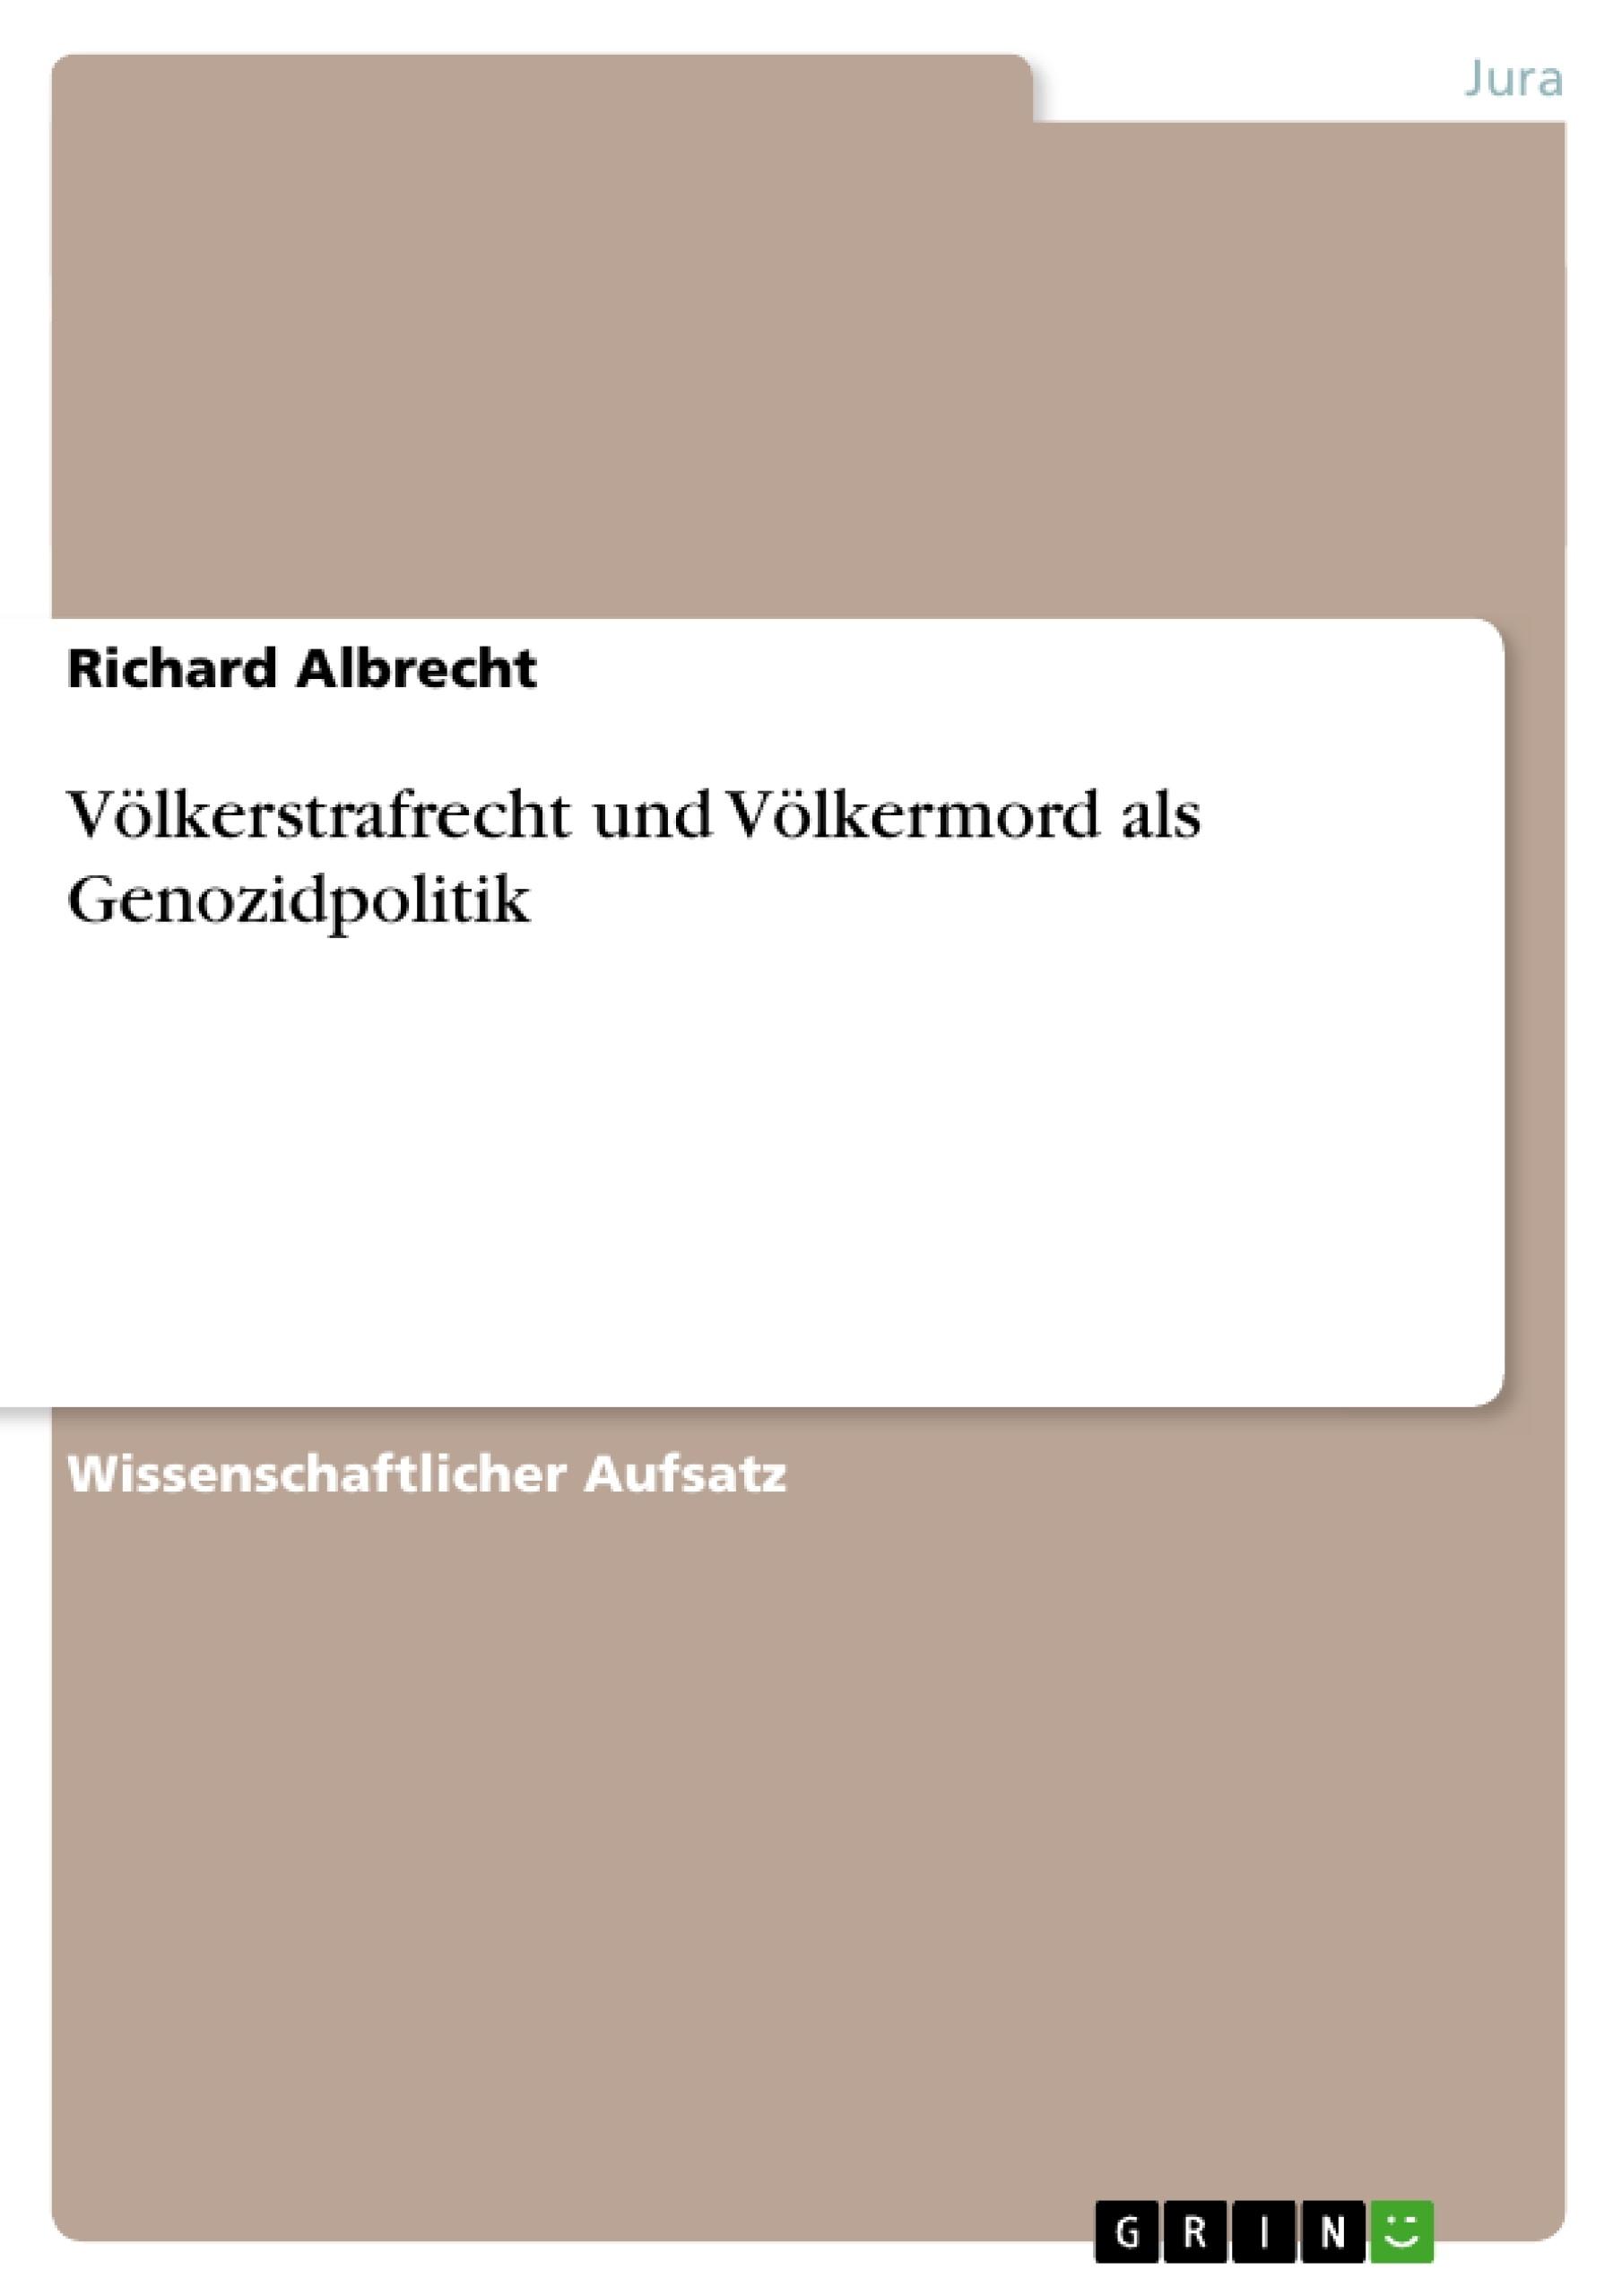 Titel: Völkerstrafrecht und Völkermord als Genozidpolitik